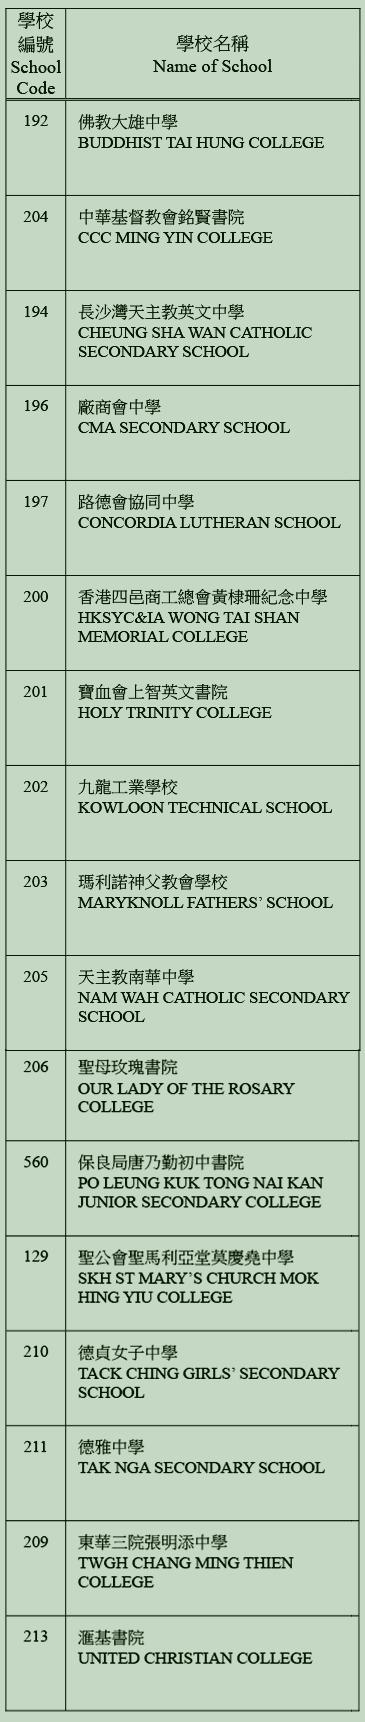 中學校網-深水埗區學校名單